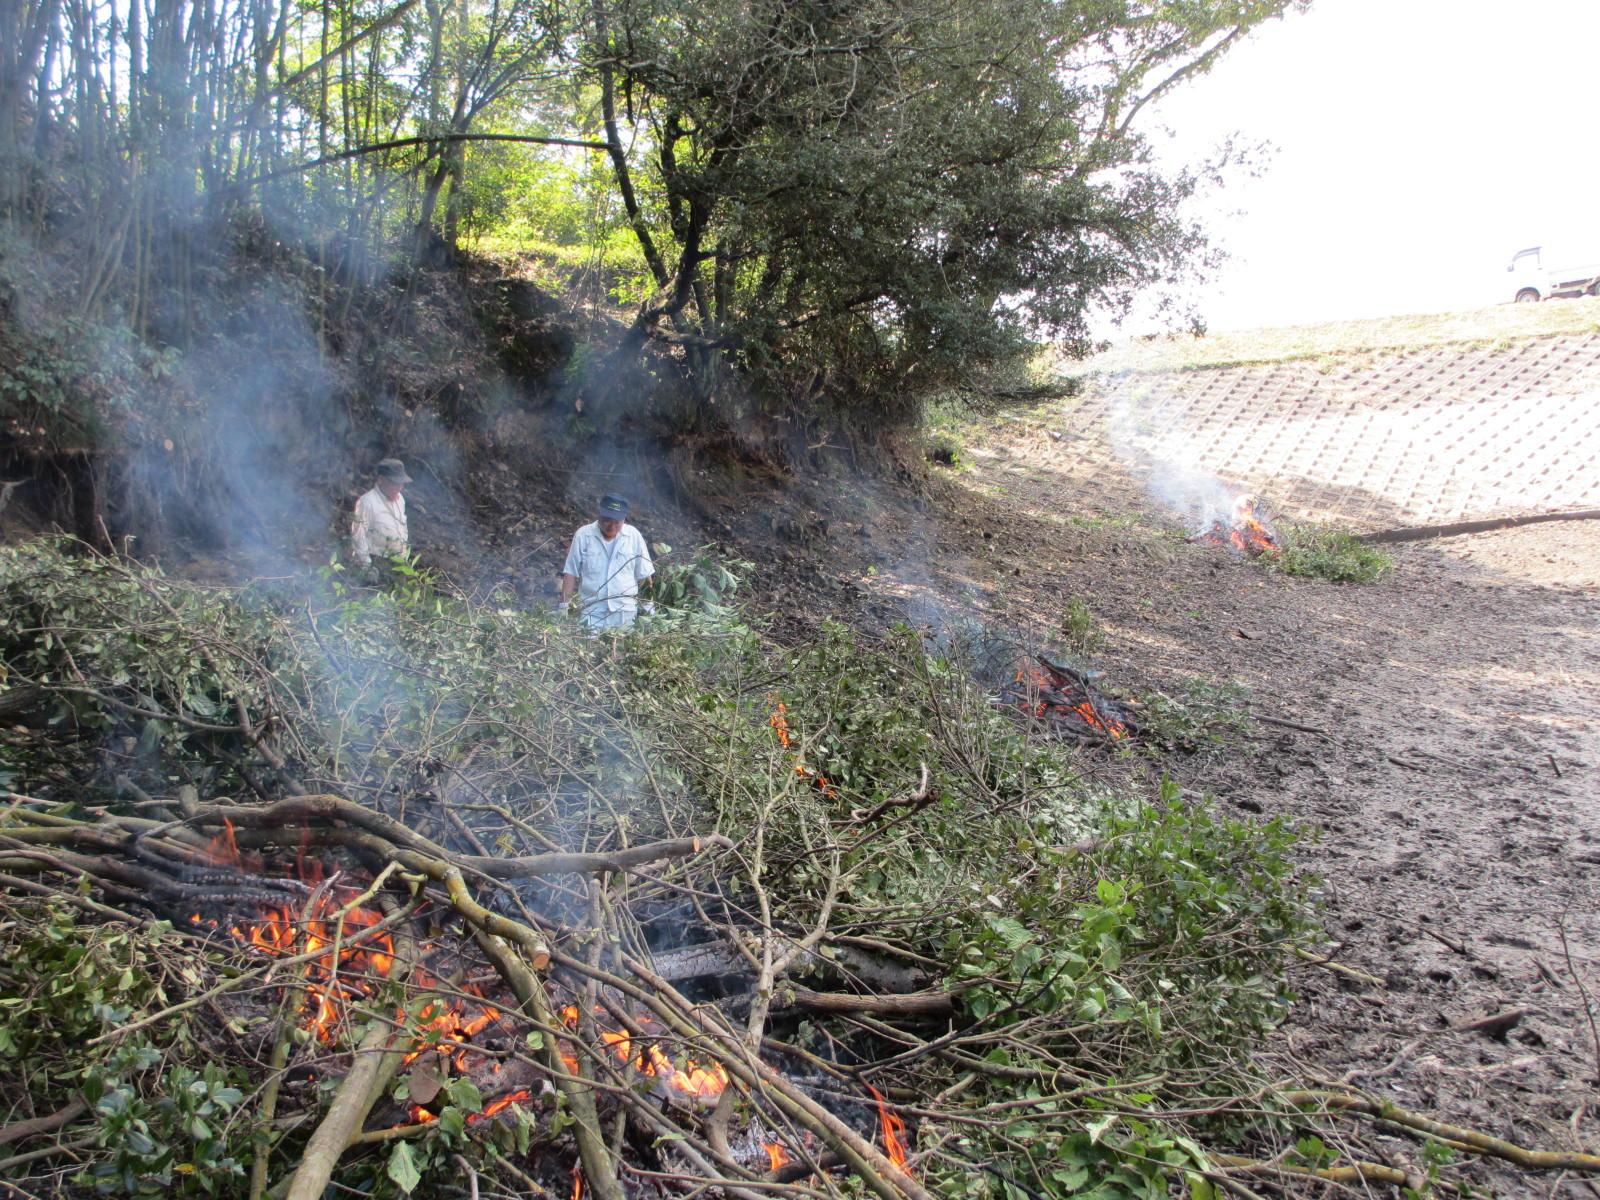 池の覆い被さっている木を伐採後焼却処分